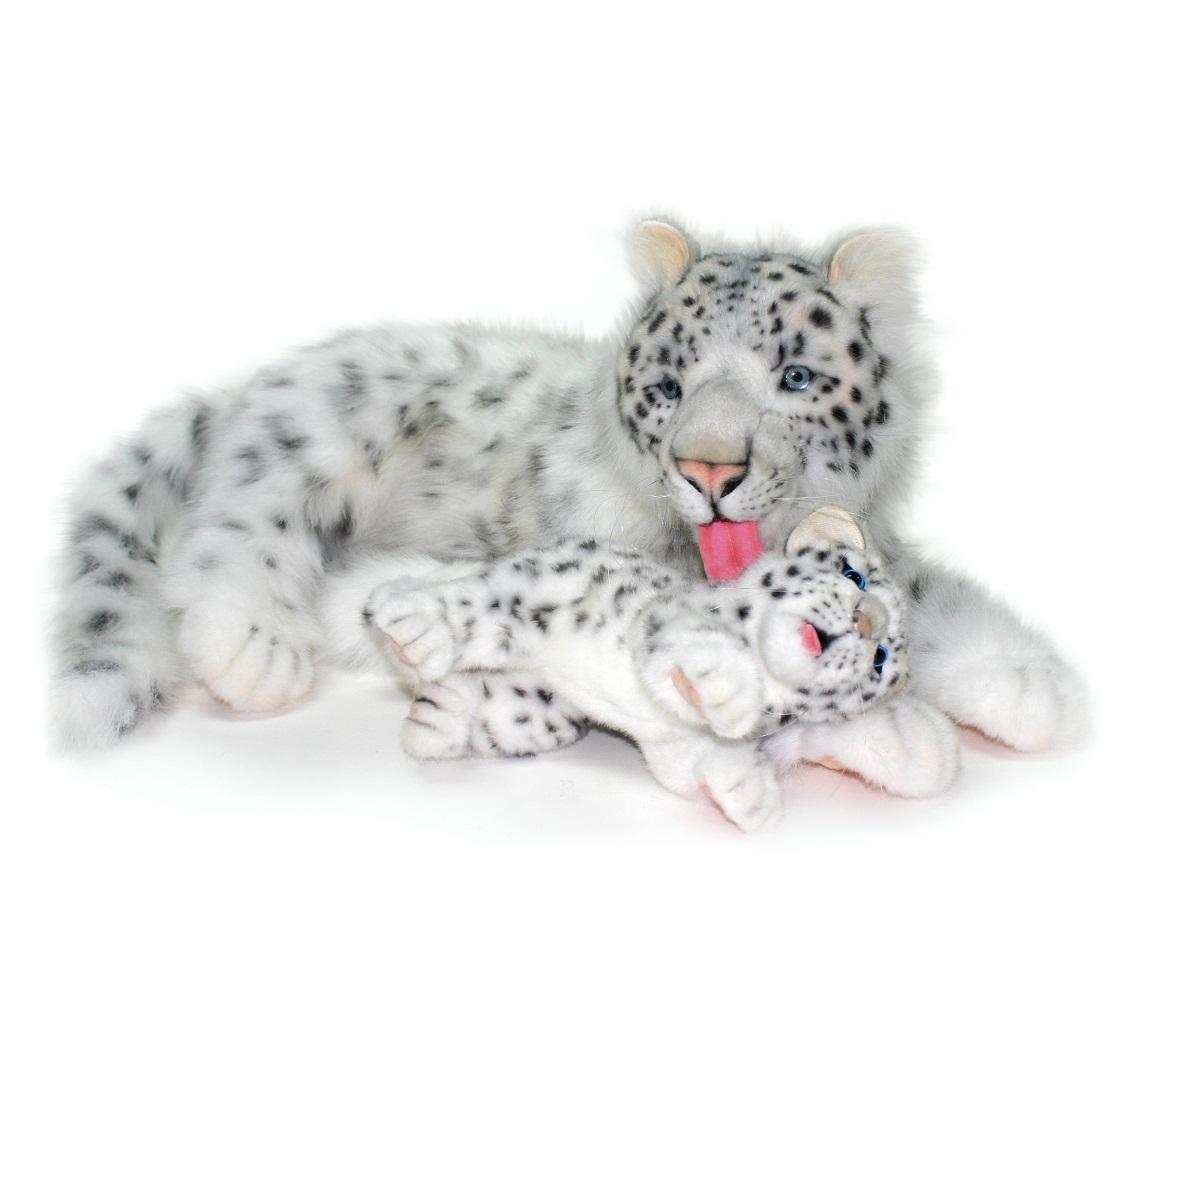 Мягкая игрушка - Снежный барс мама, 70 см.